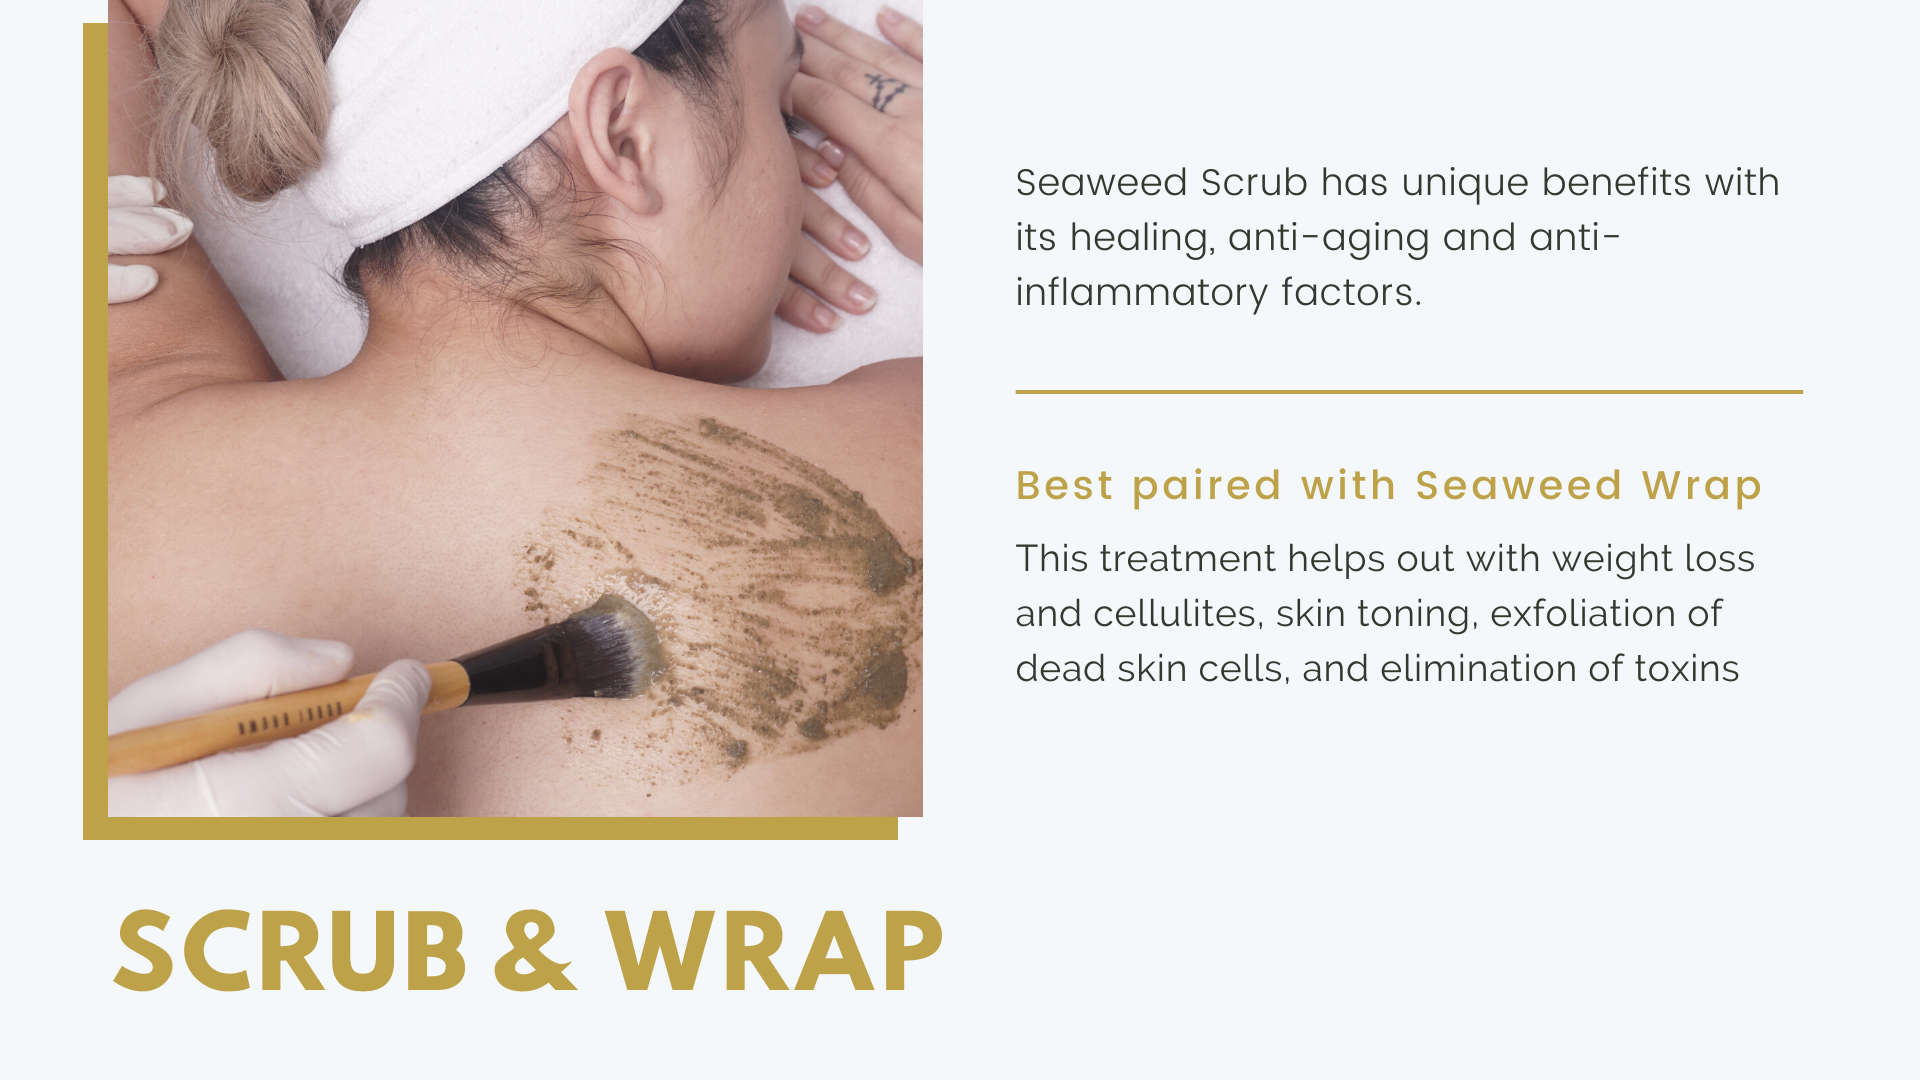 Seaweed Scrub & Wrap